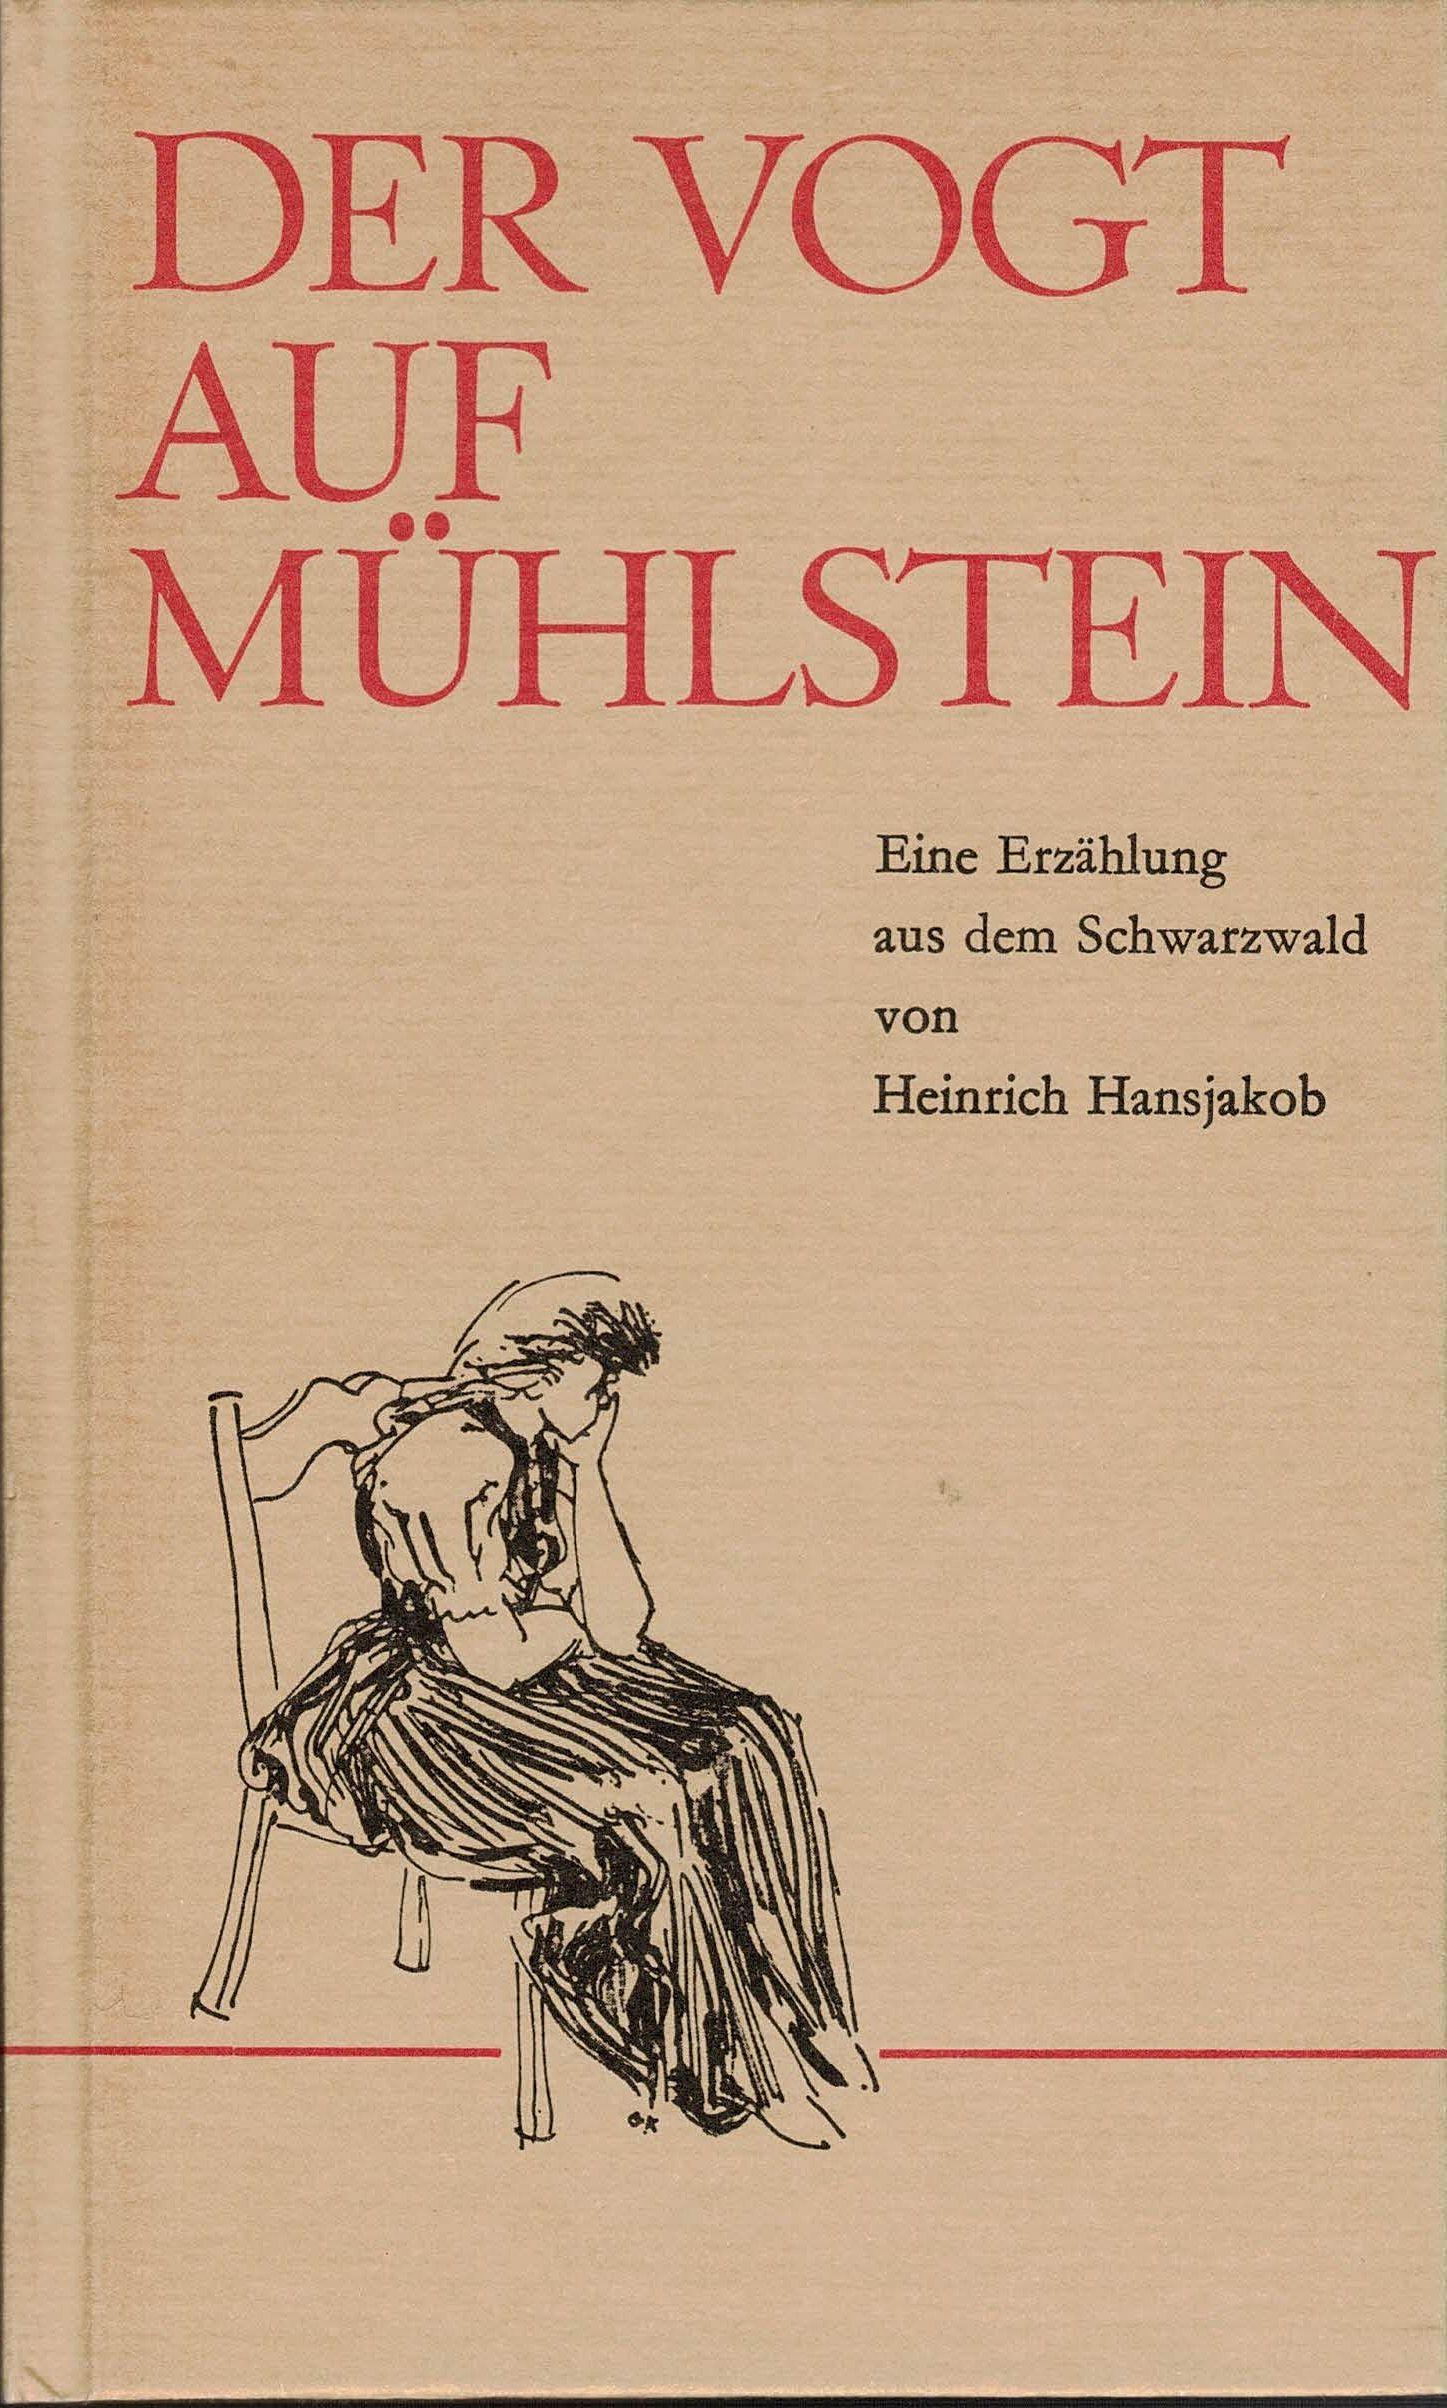 Der Vogt auf Mühlstein. Eine Erzählung aus: Hansjakob, Heinrich: